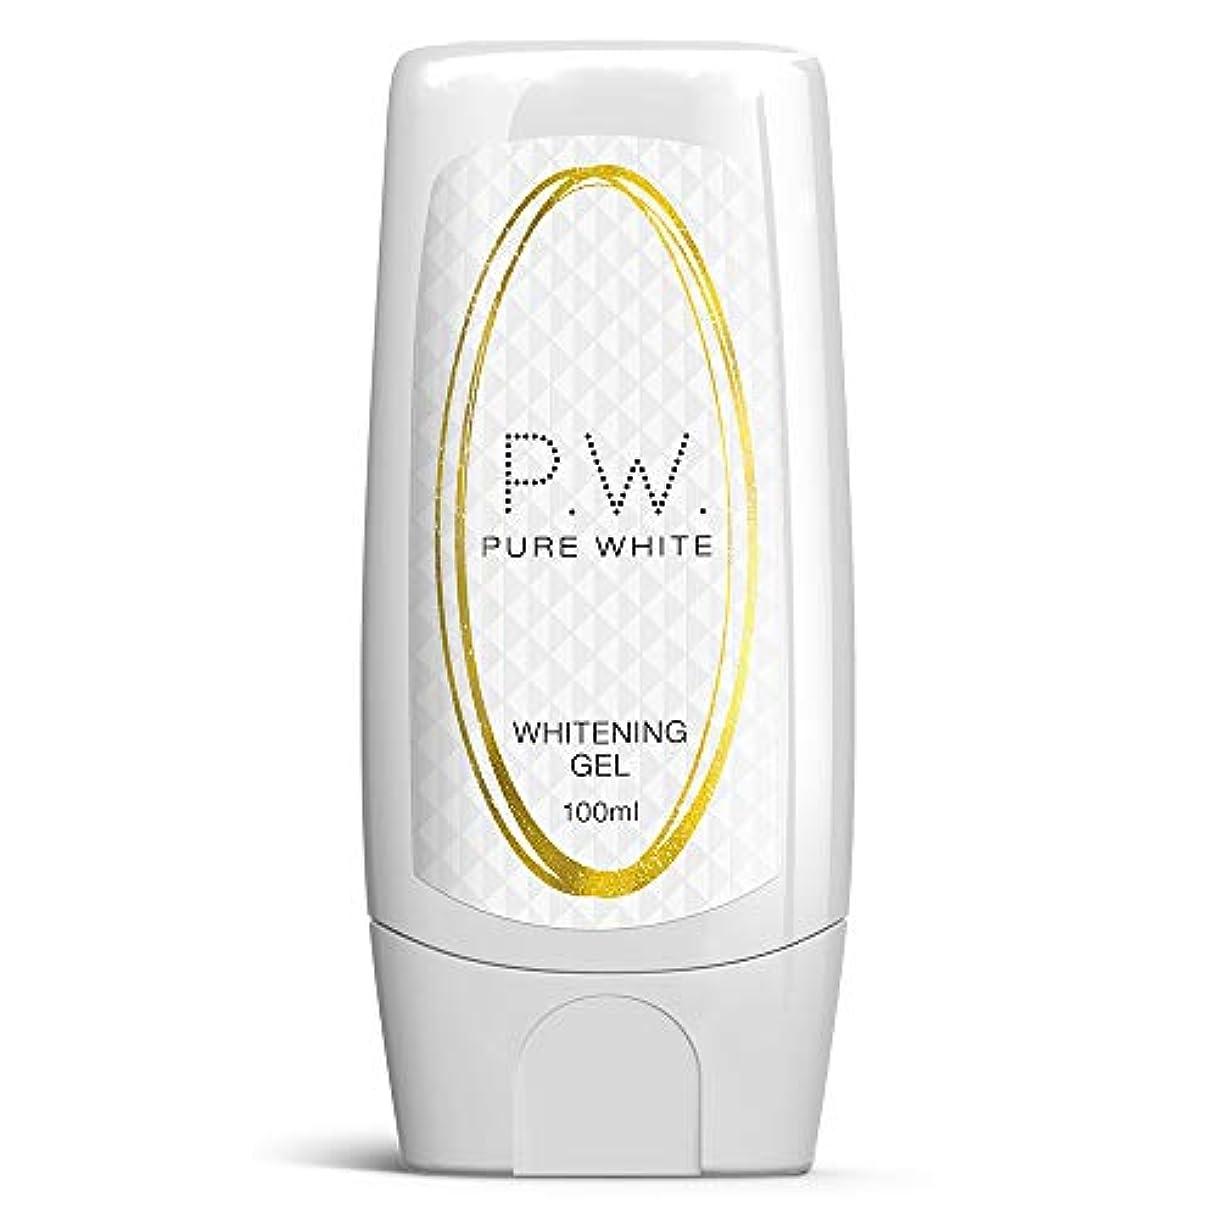 袋マイクロテレビ局Pure White Whitening Gel ピュアホワイトホワイトニングジェルの美白は、肝斑PATCHES MAXの強度を停止します Pyuahowaitohowaitoningujeru no bihaku wa...